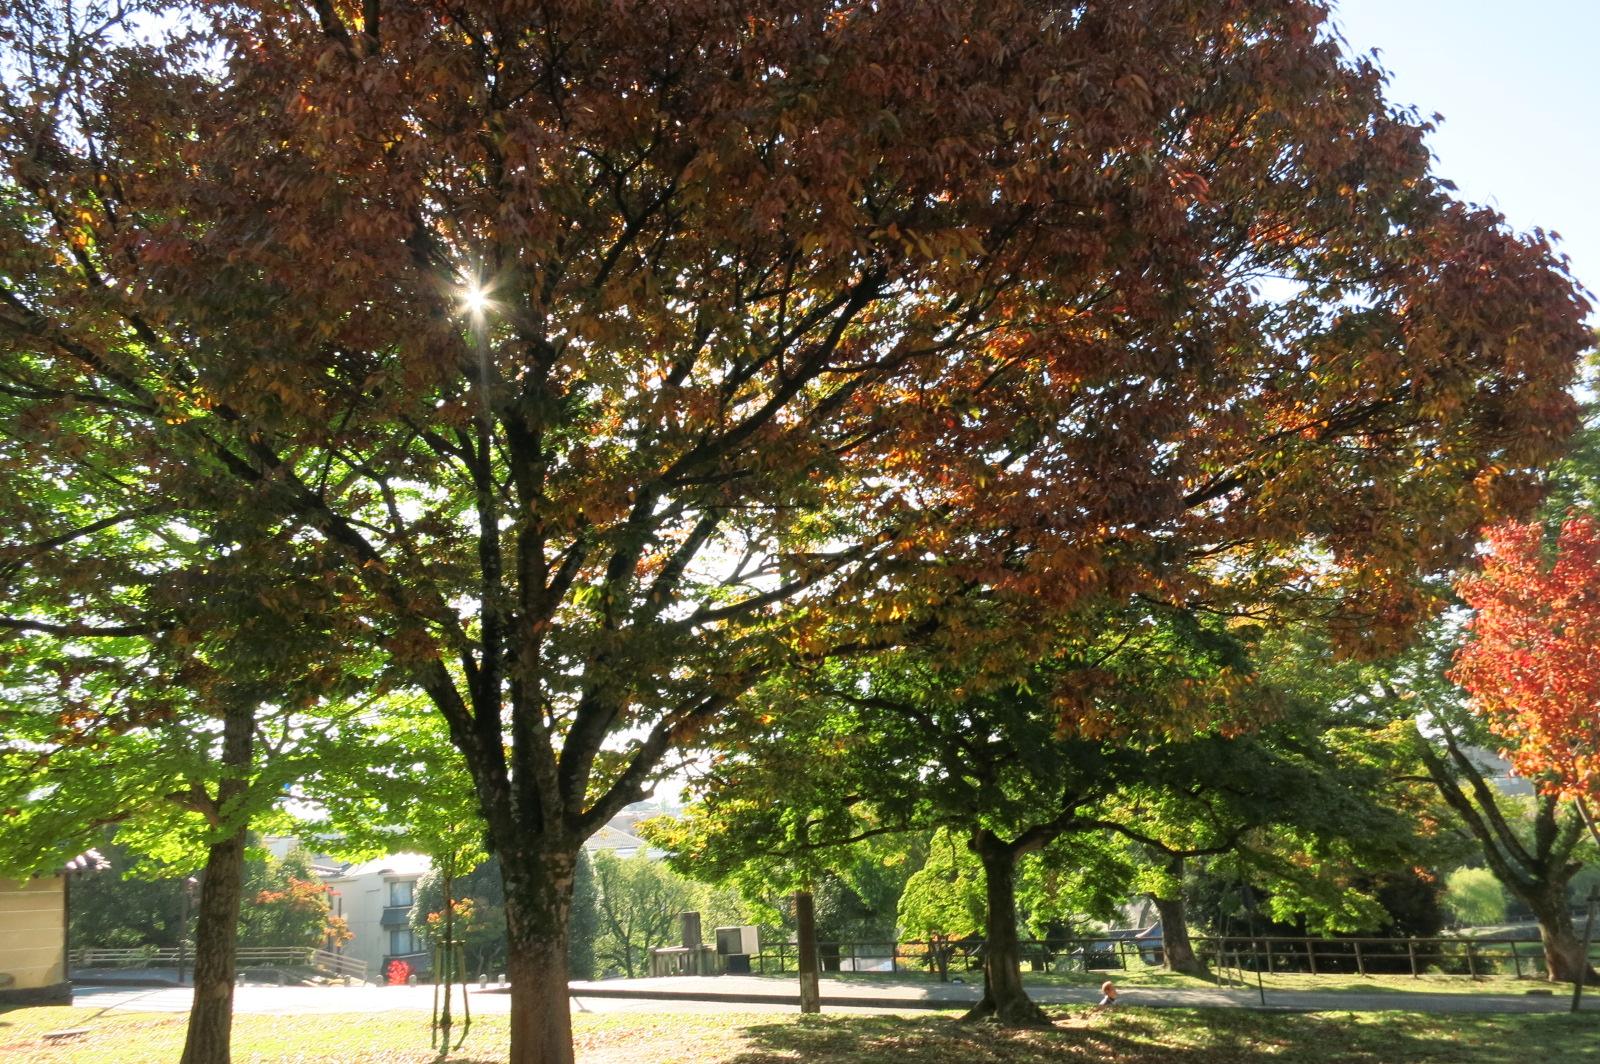 紅葉も始まっていて、キレイな景色にたくさん出会えました。